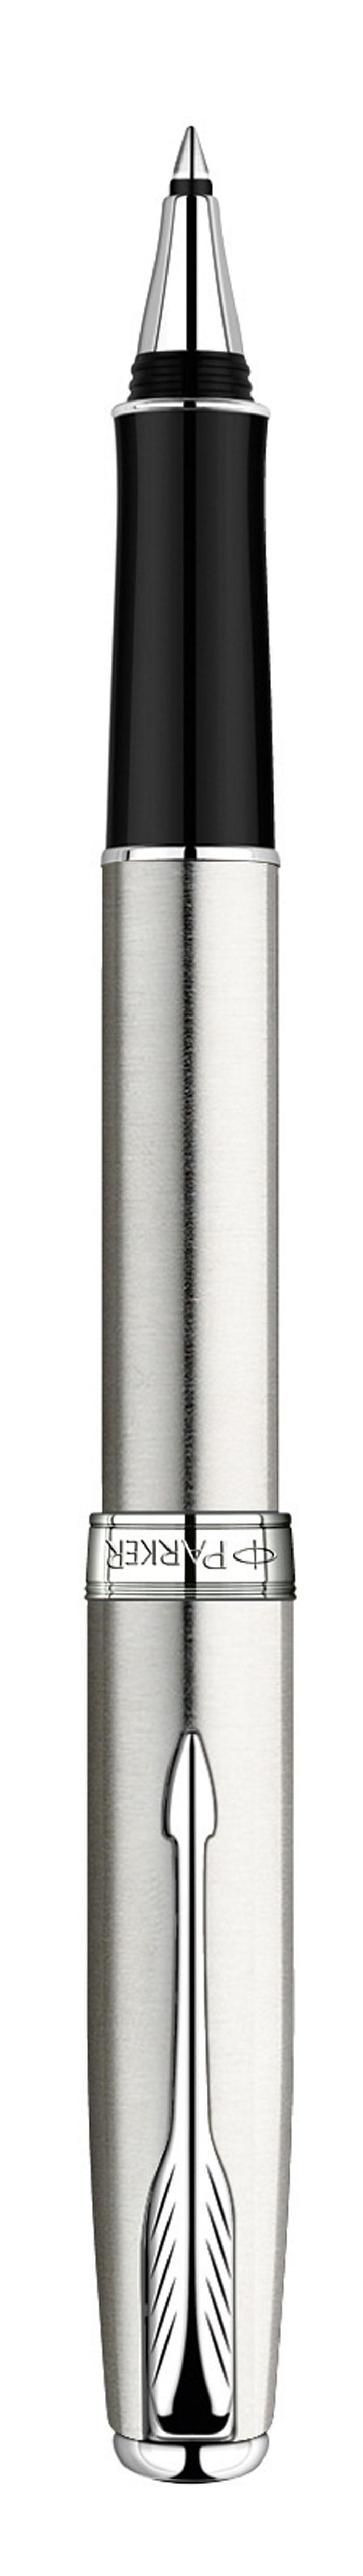 Parker Ручка-роллер Sonnet Stainless Steel СTPARKER-S0809230Механизм ручки: роллер со съемным колпачком Размер пишущего узла F (fine) - Тонкий 0.8 ммЦвет стержня: черныйВыгравированный логотип PARKER на декоративном кольце Комплектация: Фирменная упаковка, 1 стержень, руководство по эксплуатации сгарантийным талоном.